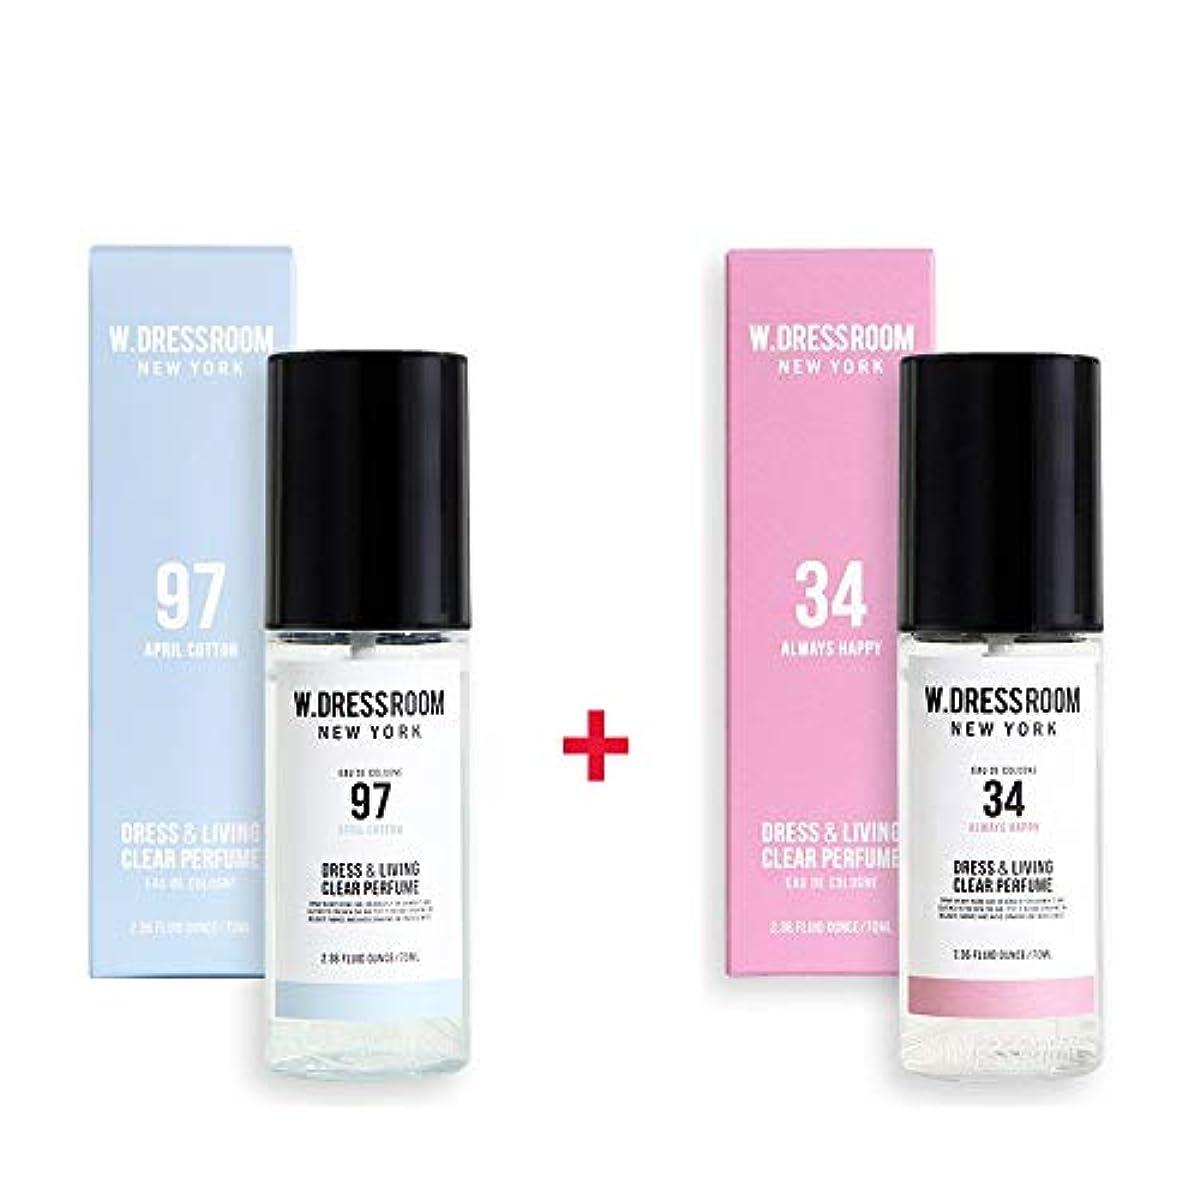 義務付けられた課す建築W.DRESSROOM Dress & Living Clear Perfume 70ml (No 97 April Cotton)+(No 34 Always Happy)